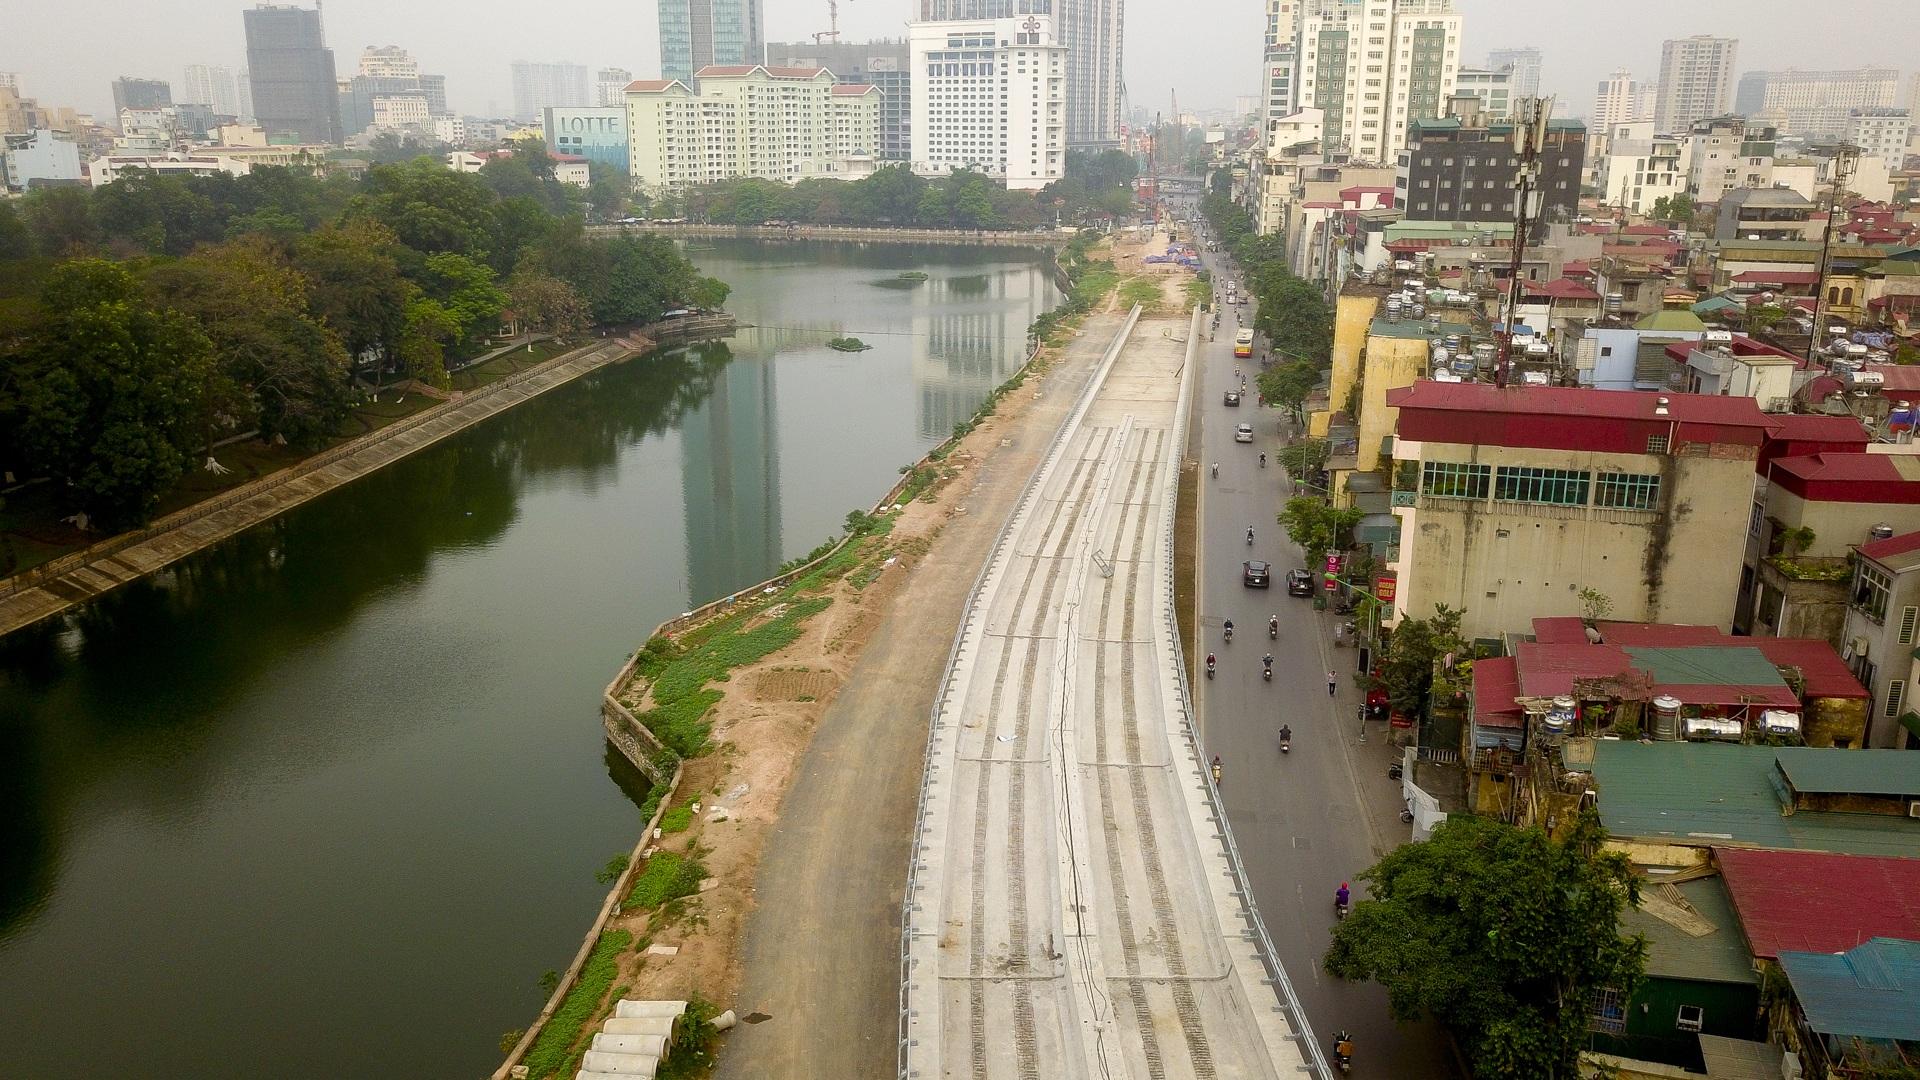 Metro Nhổn - ga Hà Nội thành hình đường trên cao xuyên qua phố phường Thủ đô - 15